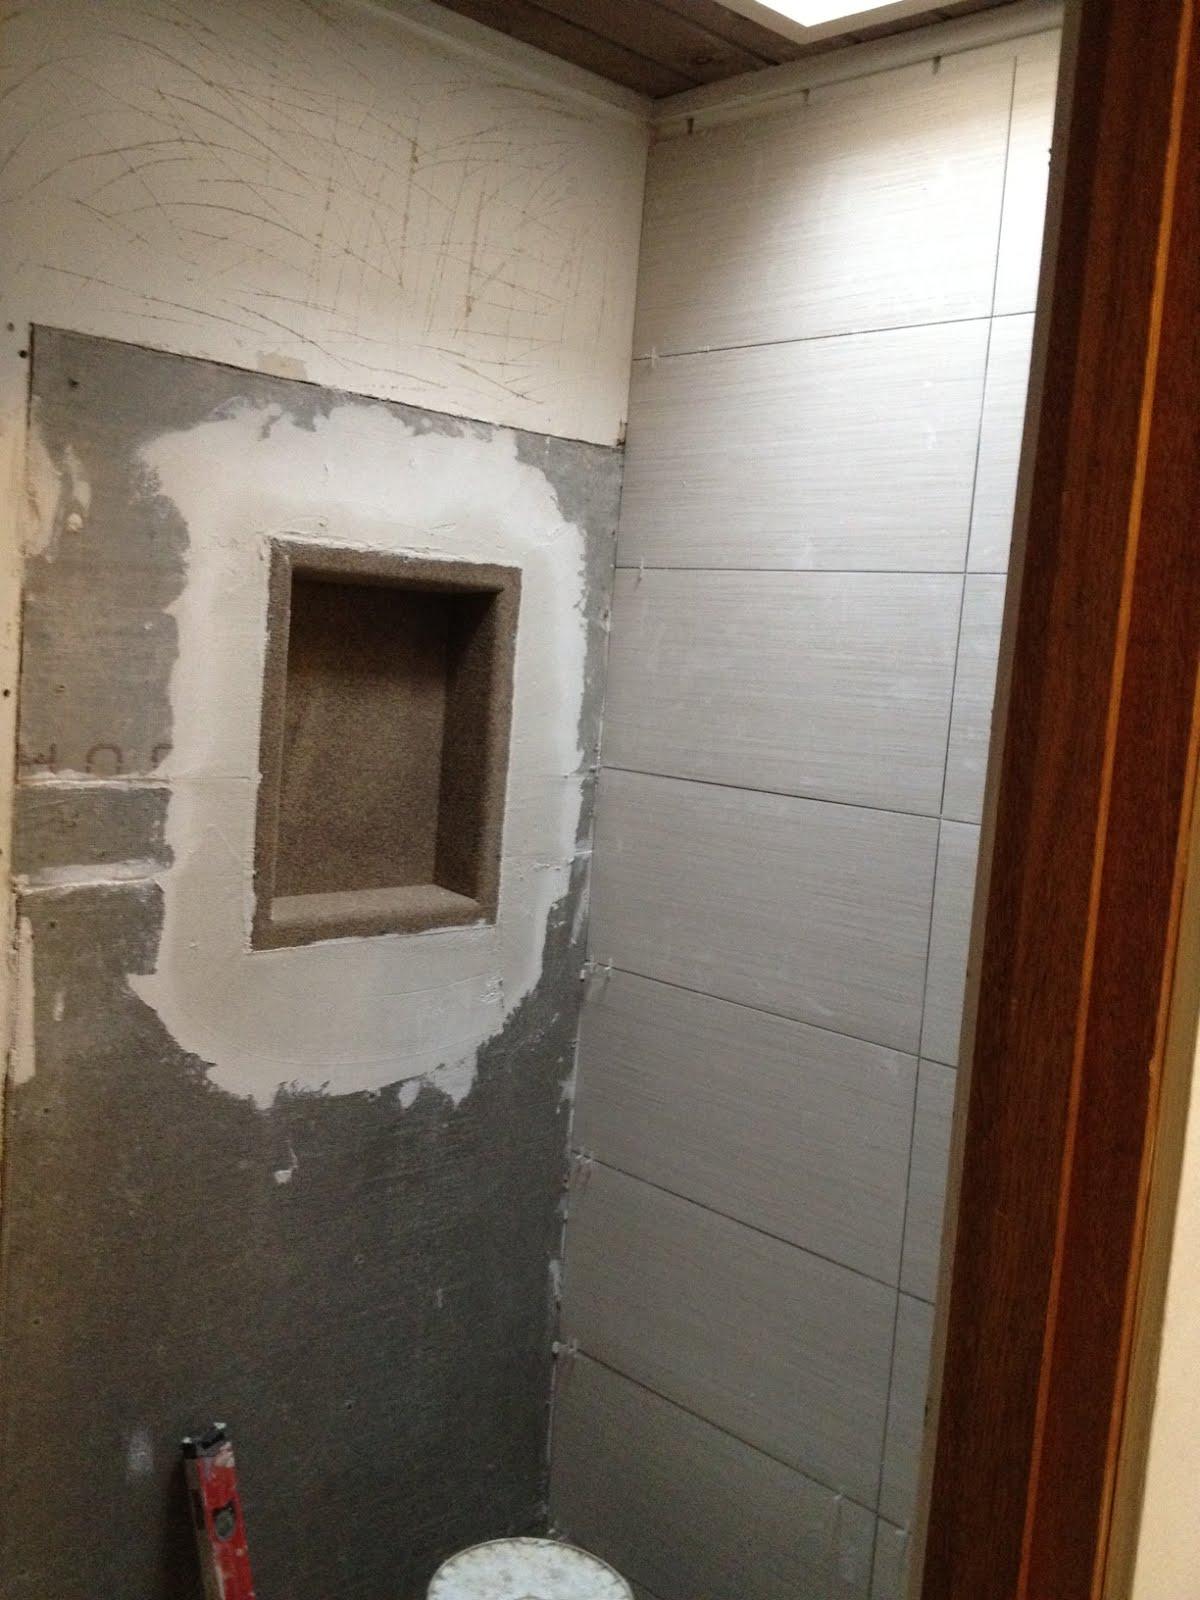 Eichler Kitchen And Bathroom Remodels Tile In Shower